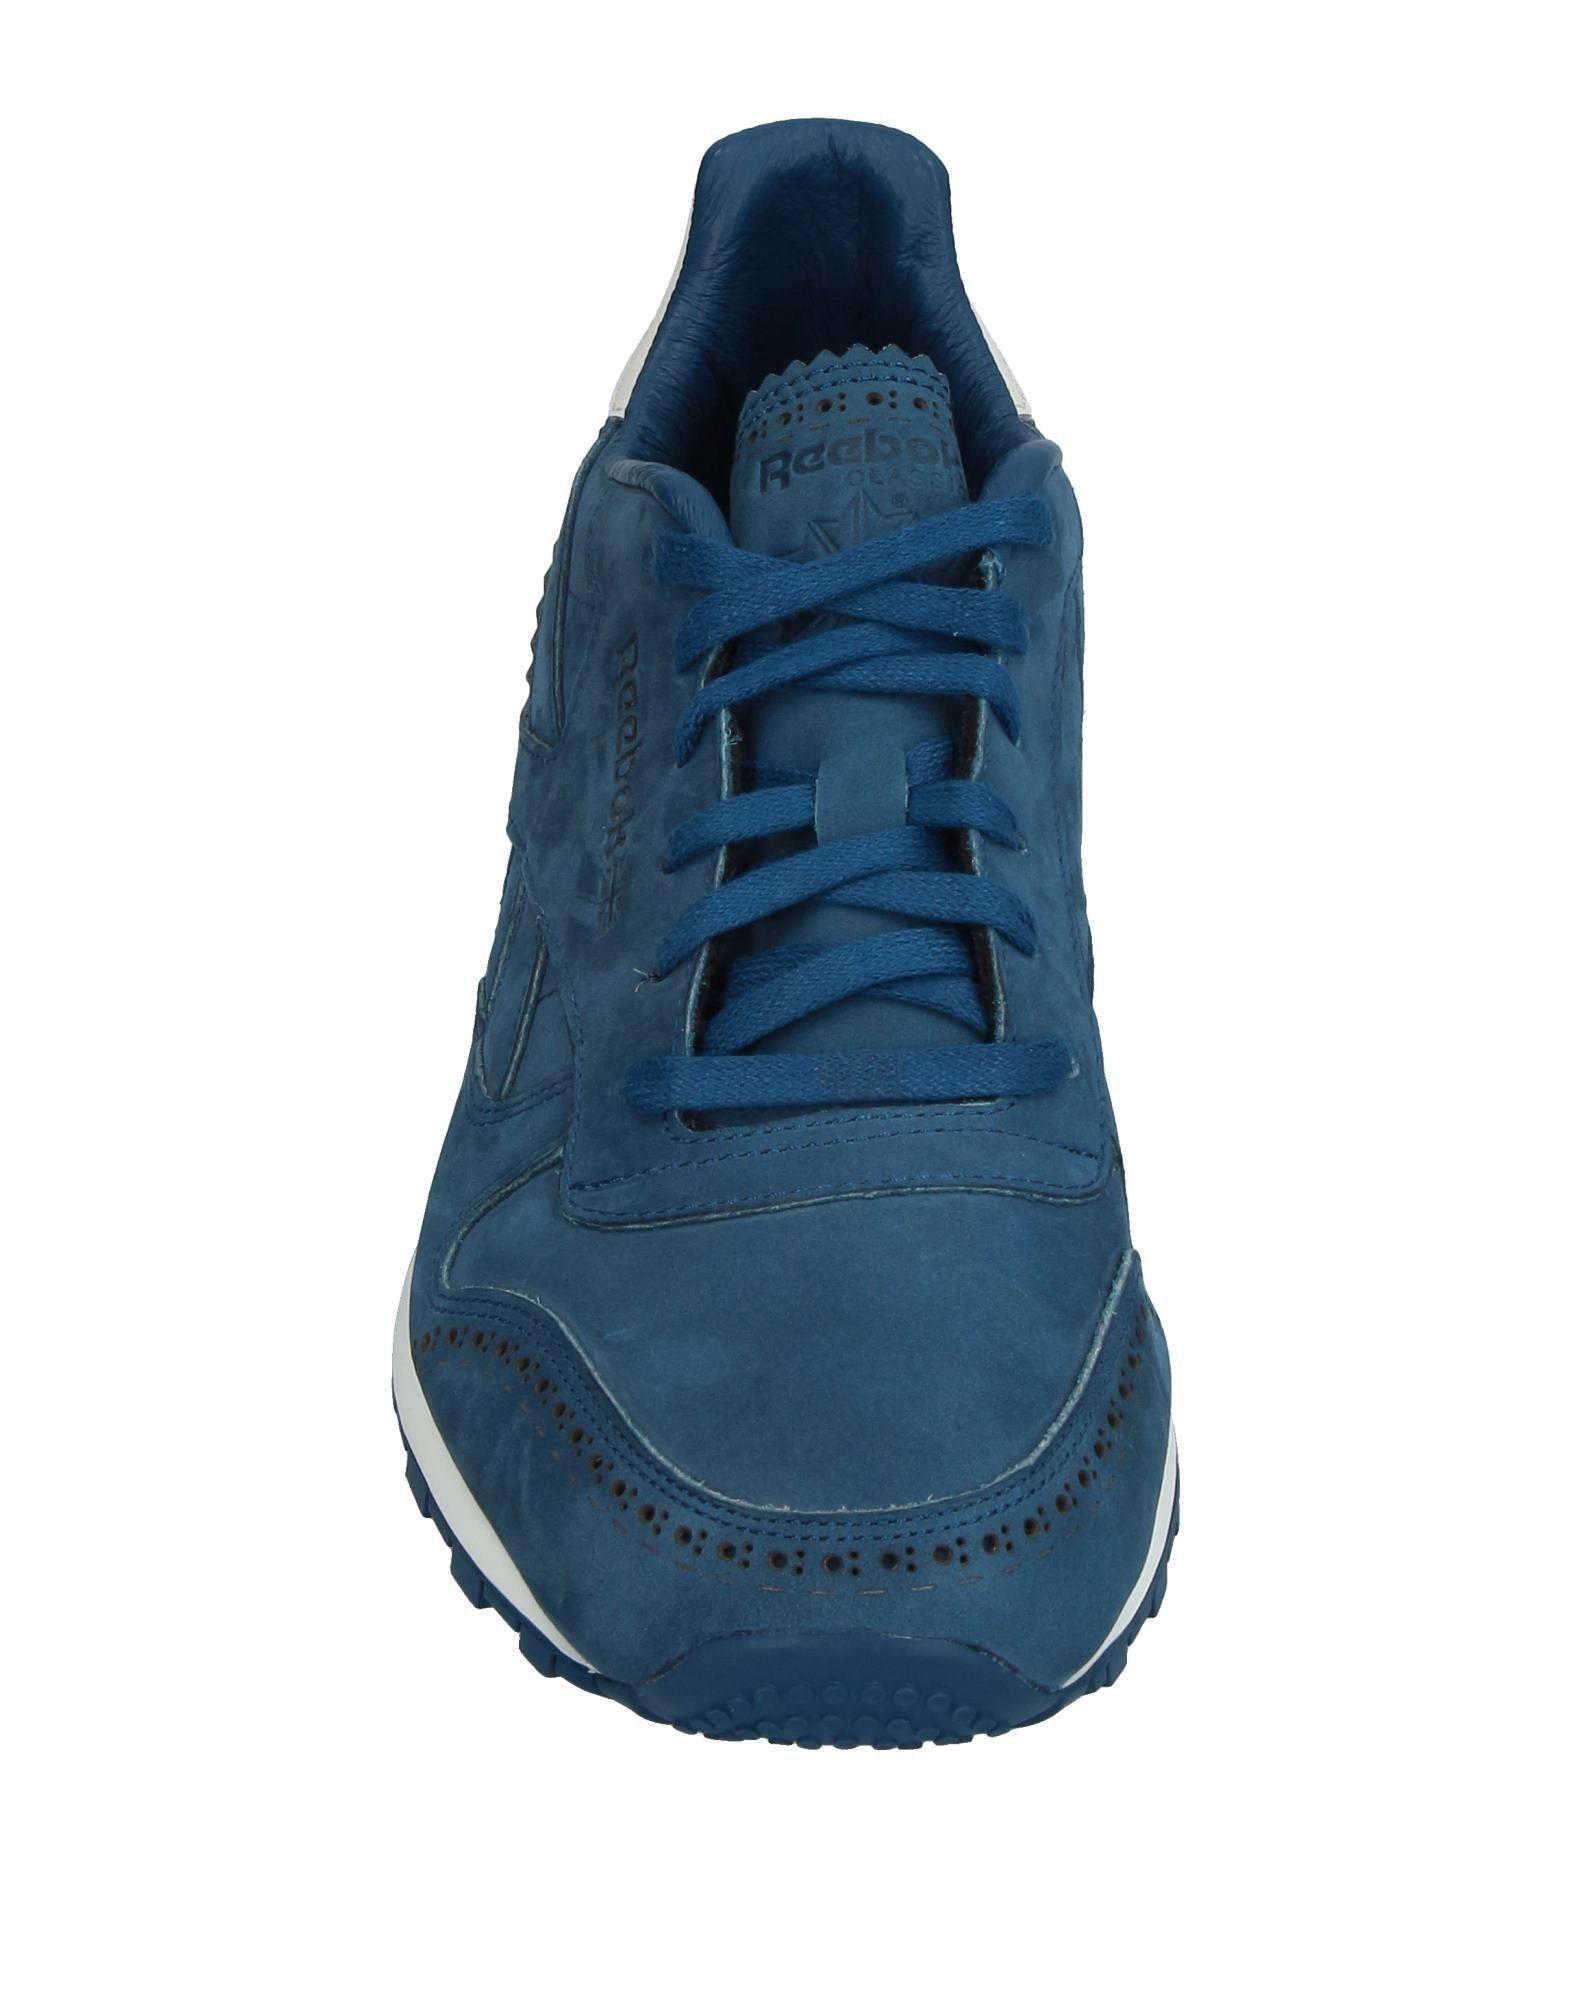 Rabatt Reebok echte Schuhe Reebok Rabatt Sneakers Herren  11266790CV 1dbf0f